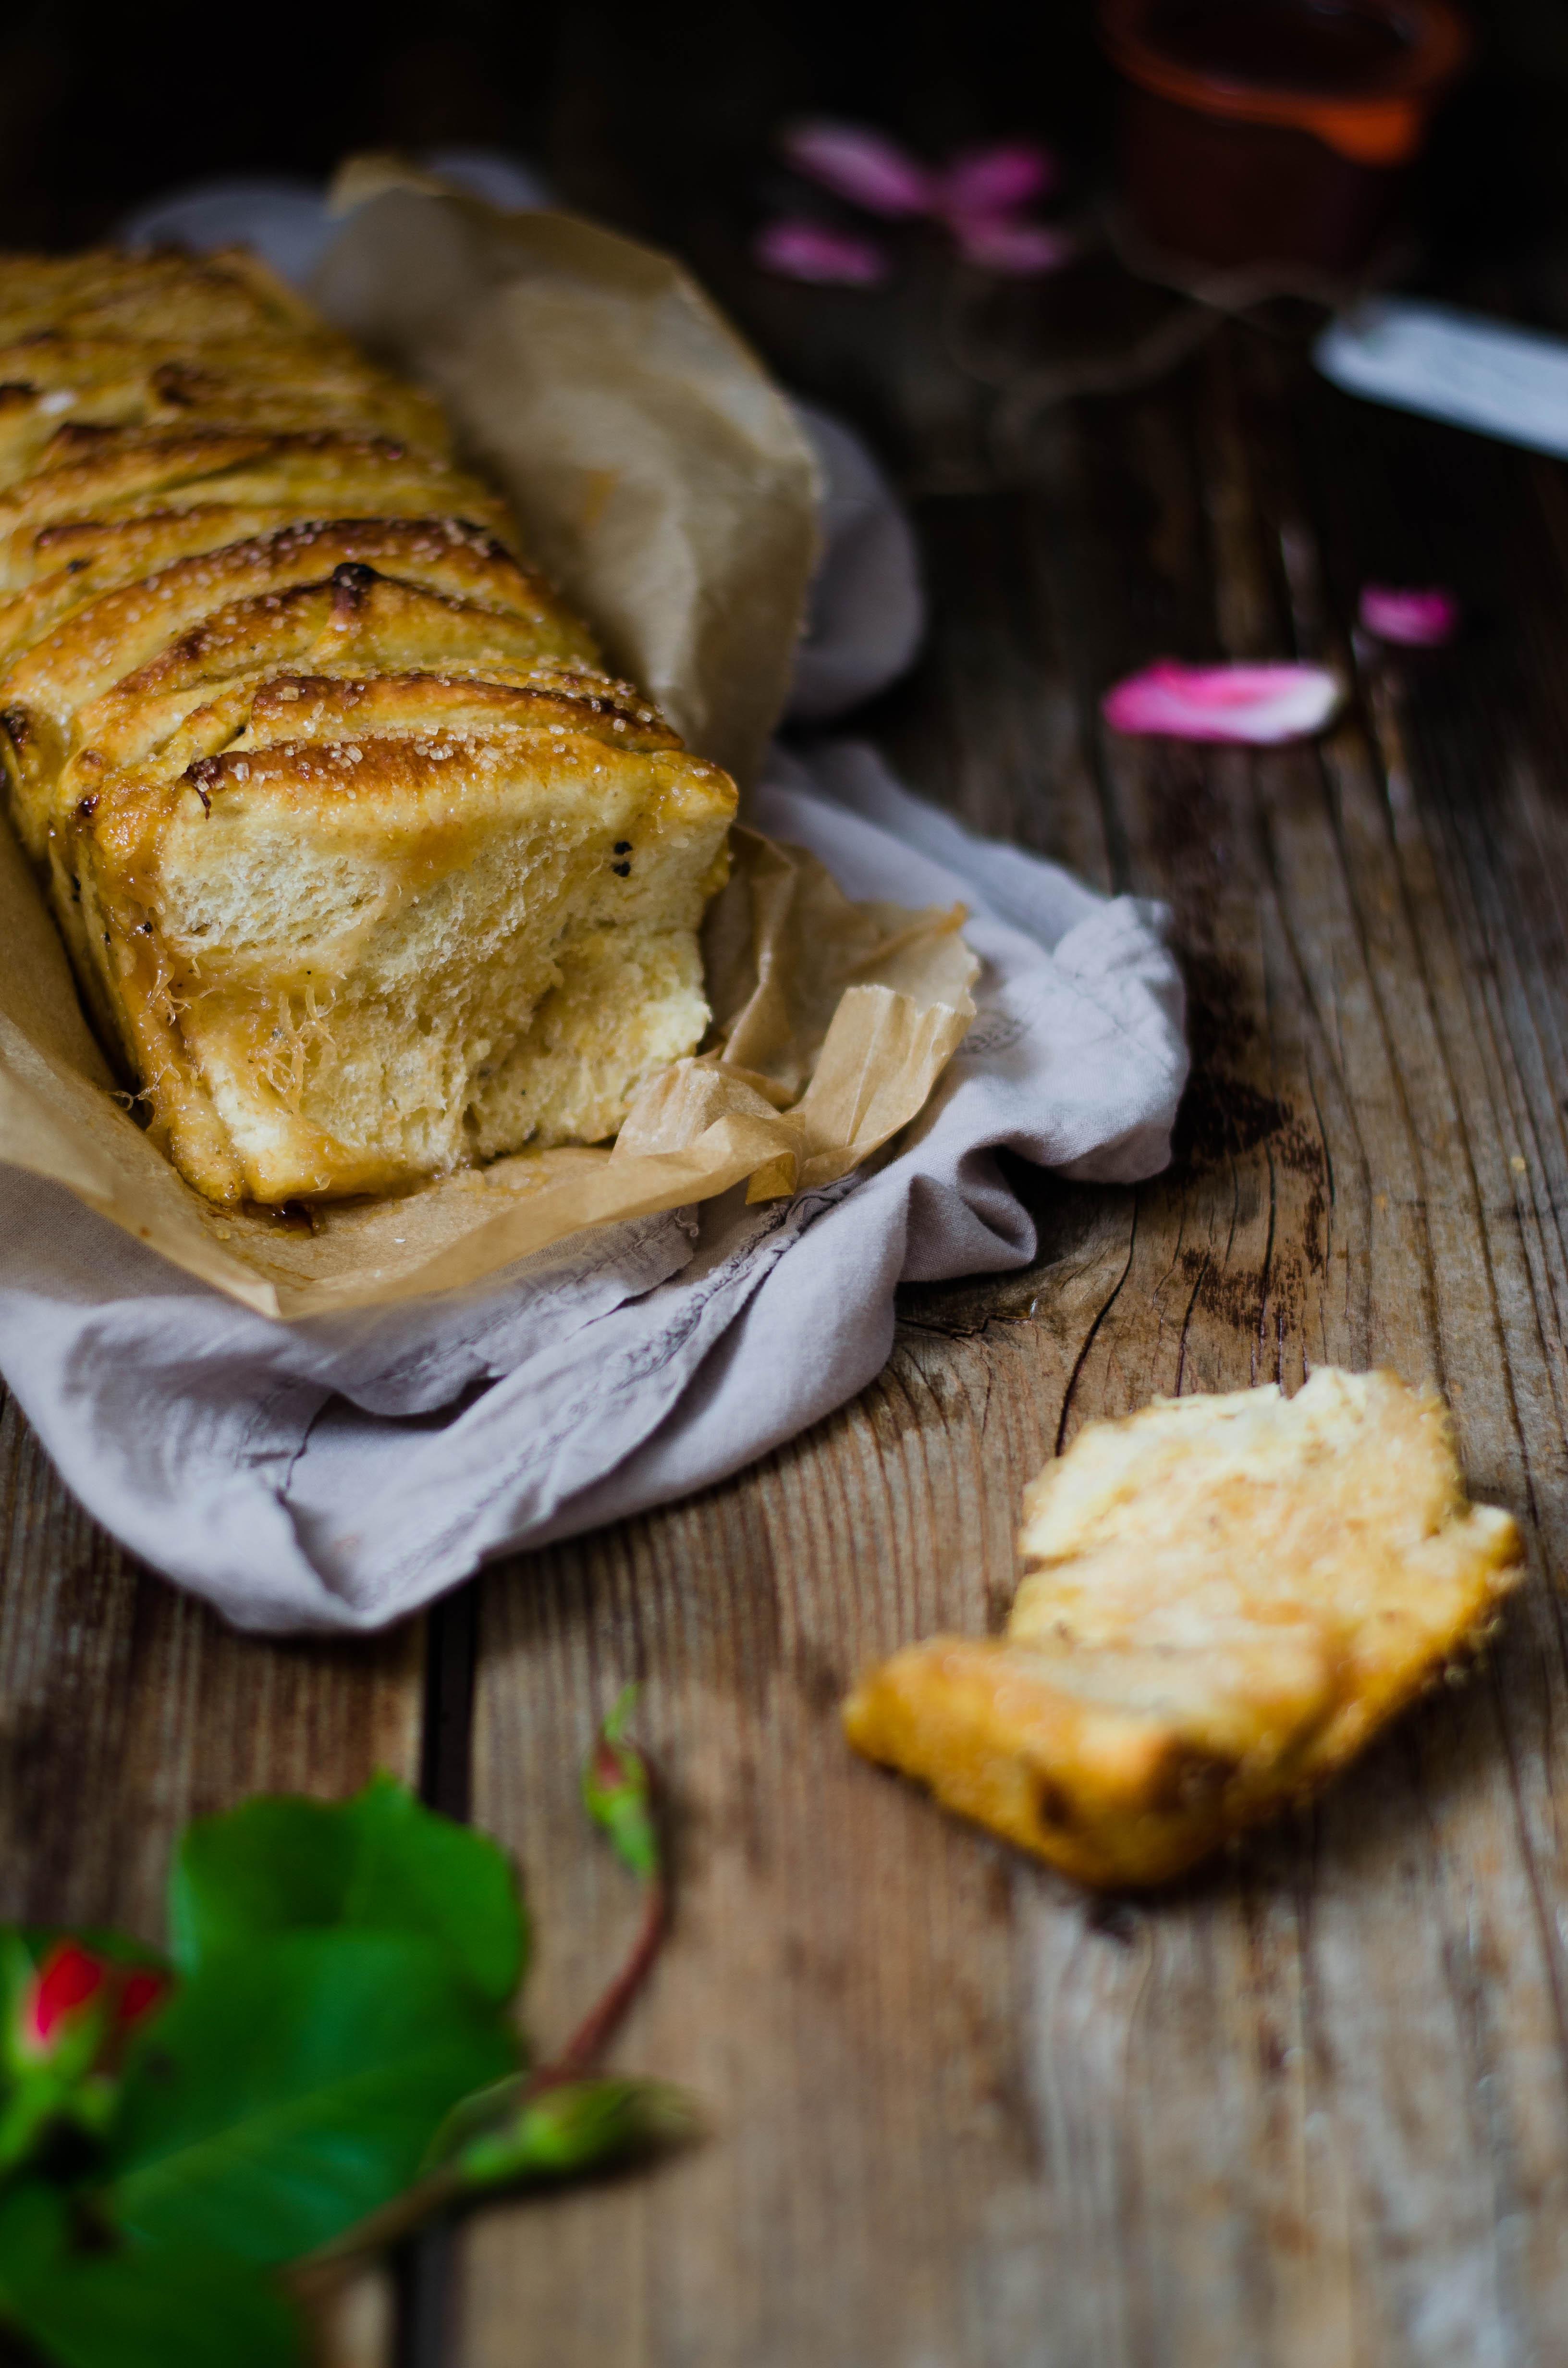 Pullapart_rabarbaro_rose2-2 Pull apart bread con marmellata di rabarbaro, rose e pepe del Bengala